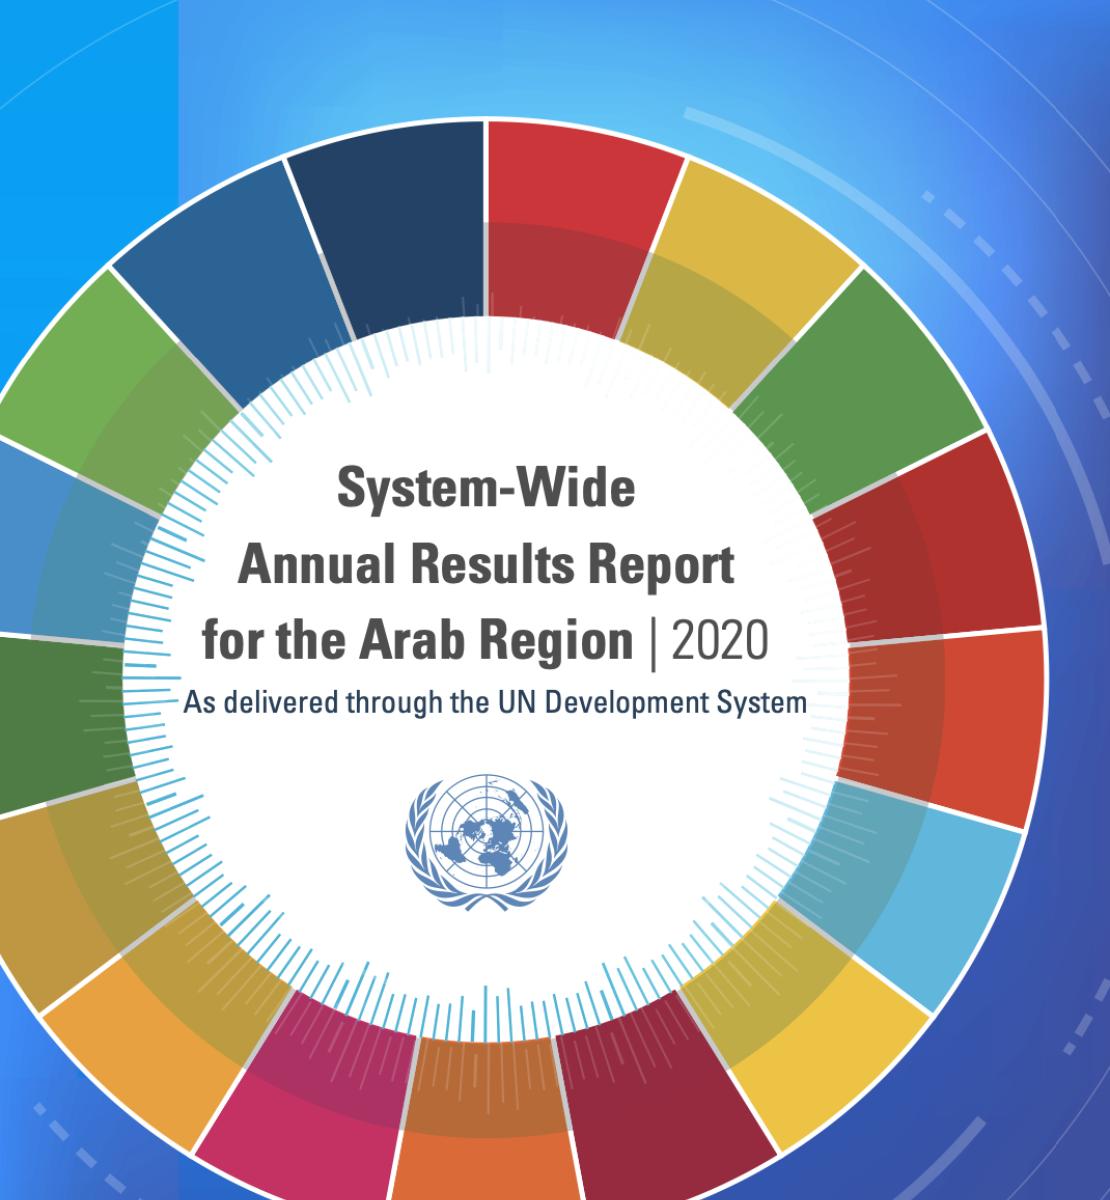 Cercle aux couleurs vives sur fond bleu au centre duquel on peut voir le logo de l'ONU et on peut lire, en anglais, le titre « Rapport annuel 2020 sur les résultats obtenus à l'échelle du système pour la région arabe, tels que délivrés par le système des Nations Unies pour le développement ».